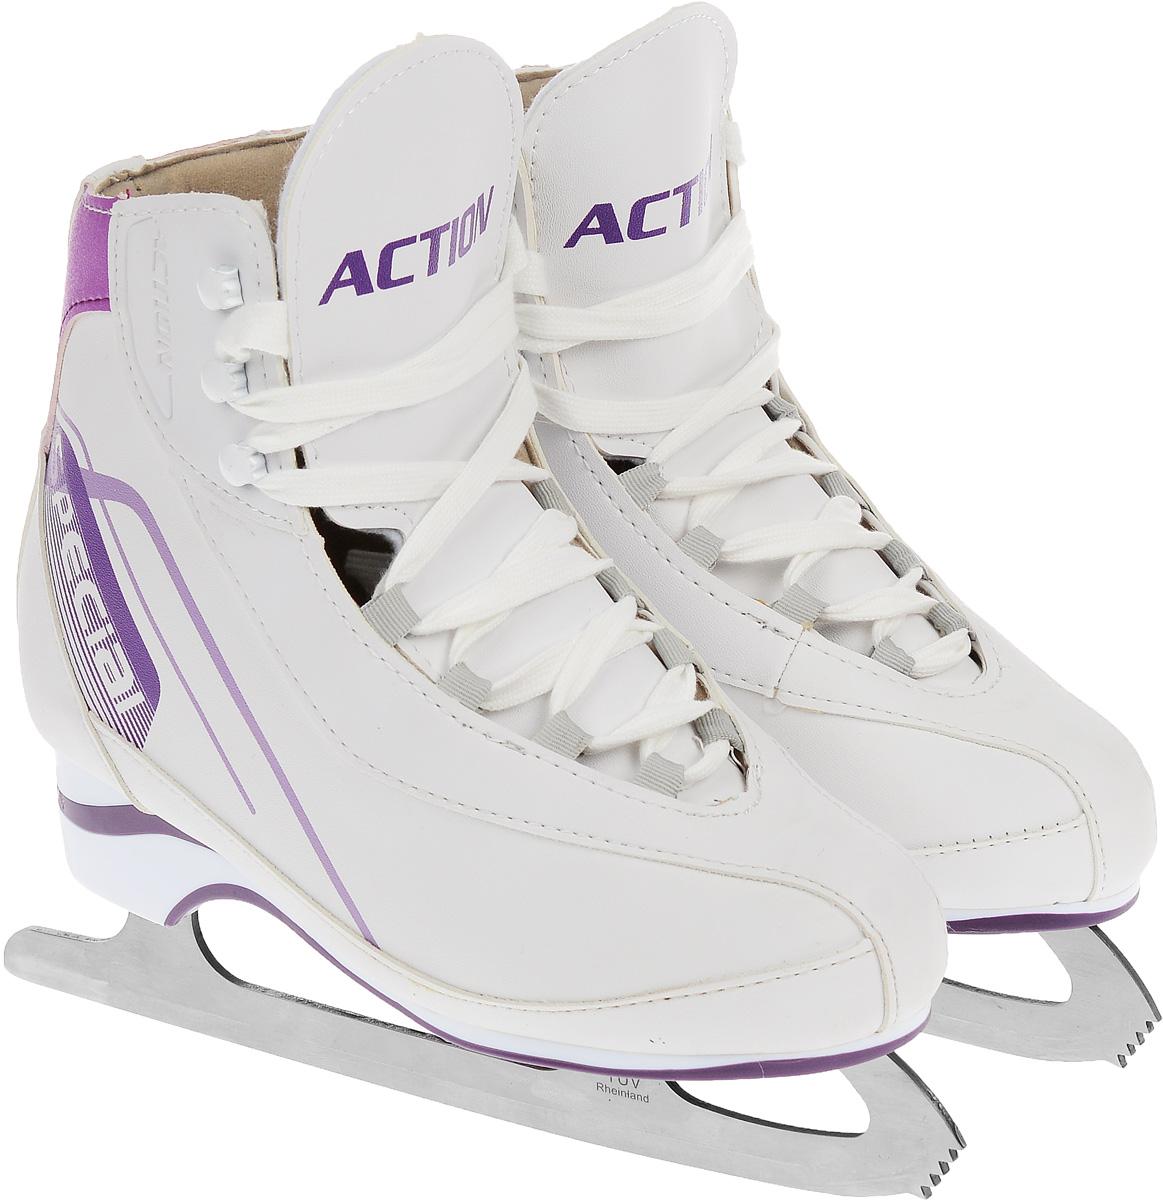 Коньки фигурные женские Action Sporting Goods, цвет: белый, фиолетовый. PW-221. Размер 40 коньки ледовые женские action sporting goods раздвижные цвет белый красный pw 113 размер 37 40